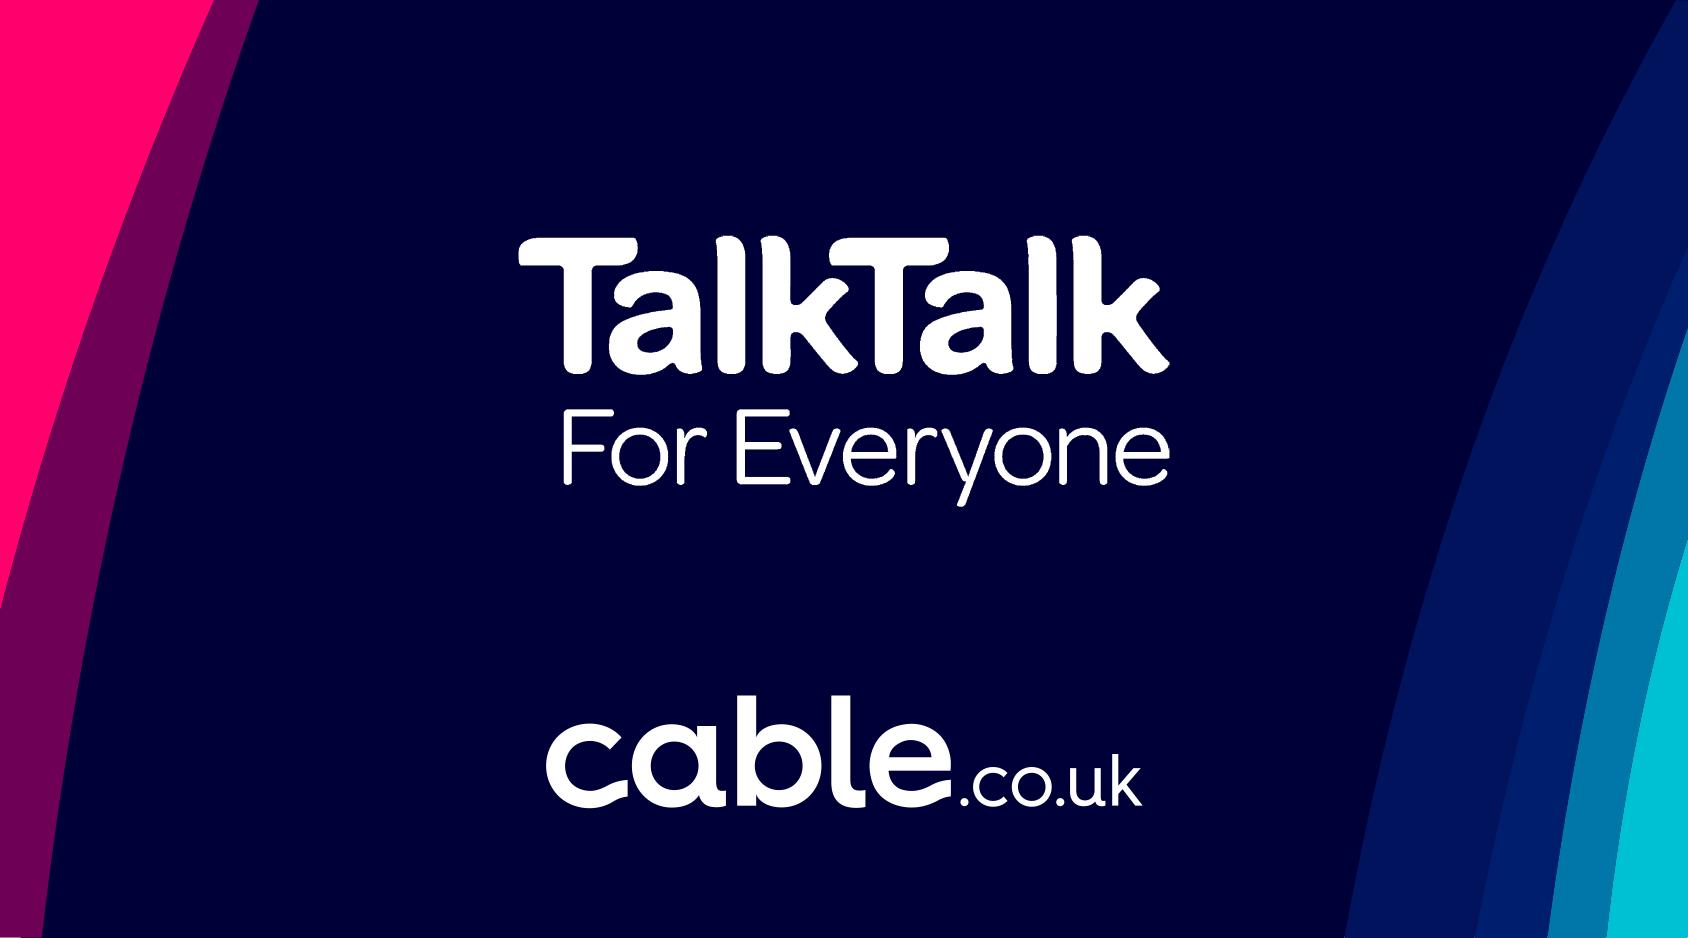 TalkTalk broadband deals – Cable.co.uk